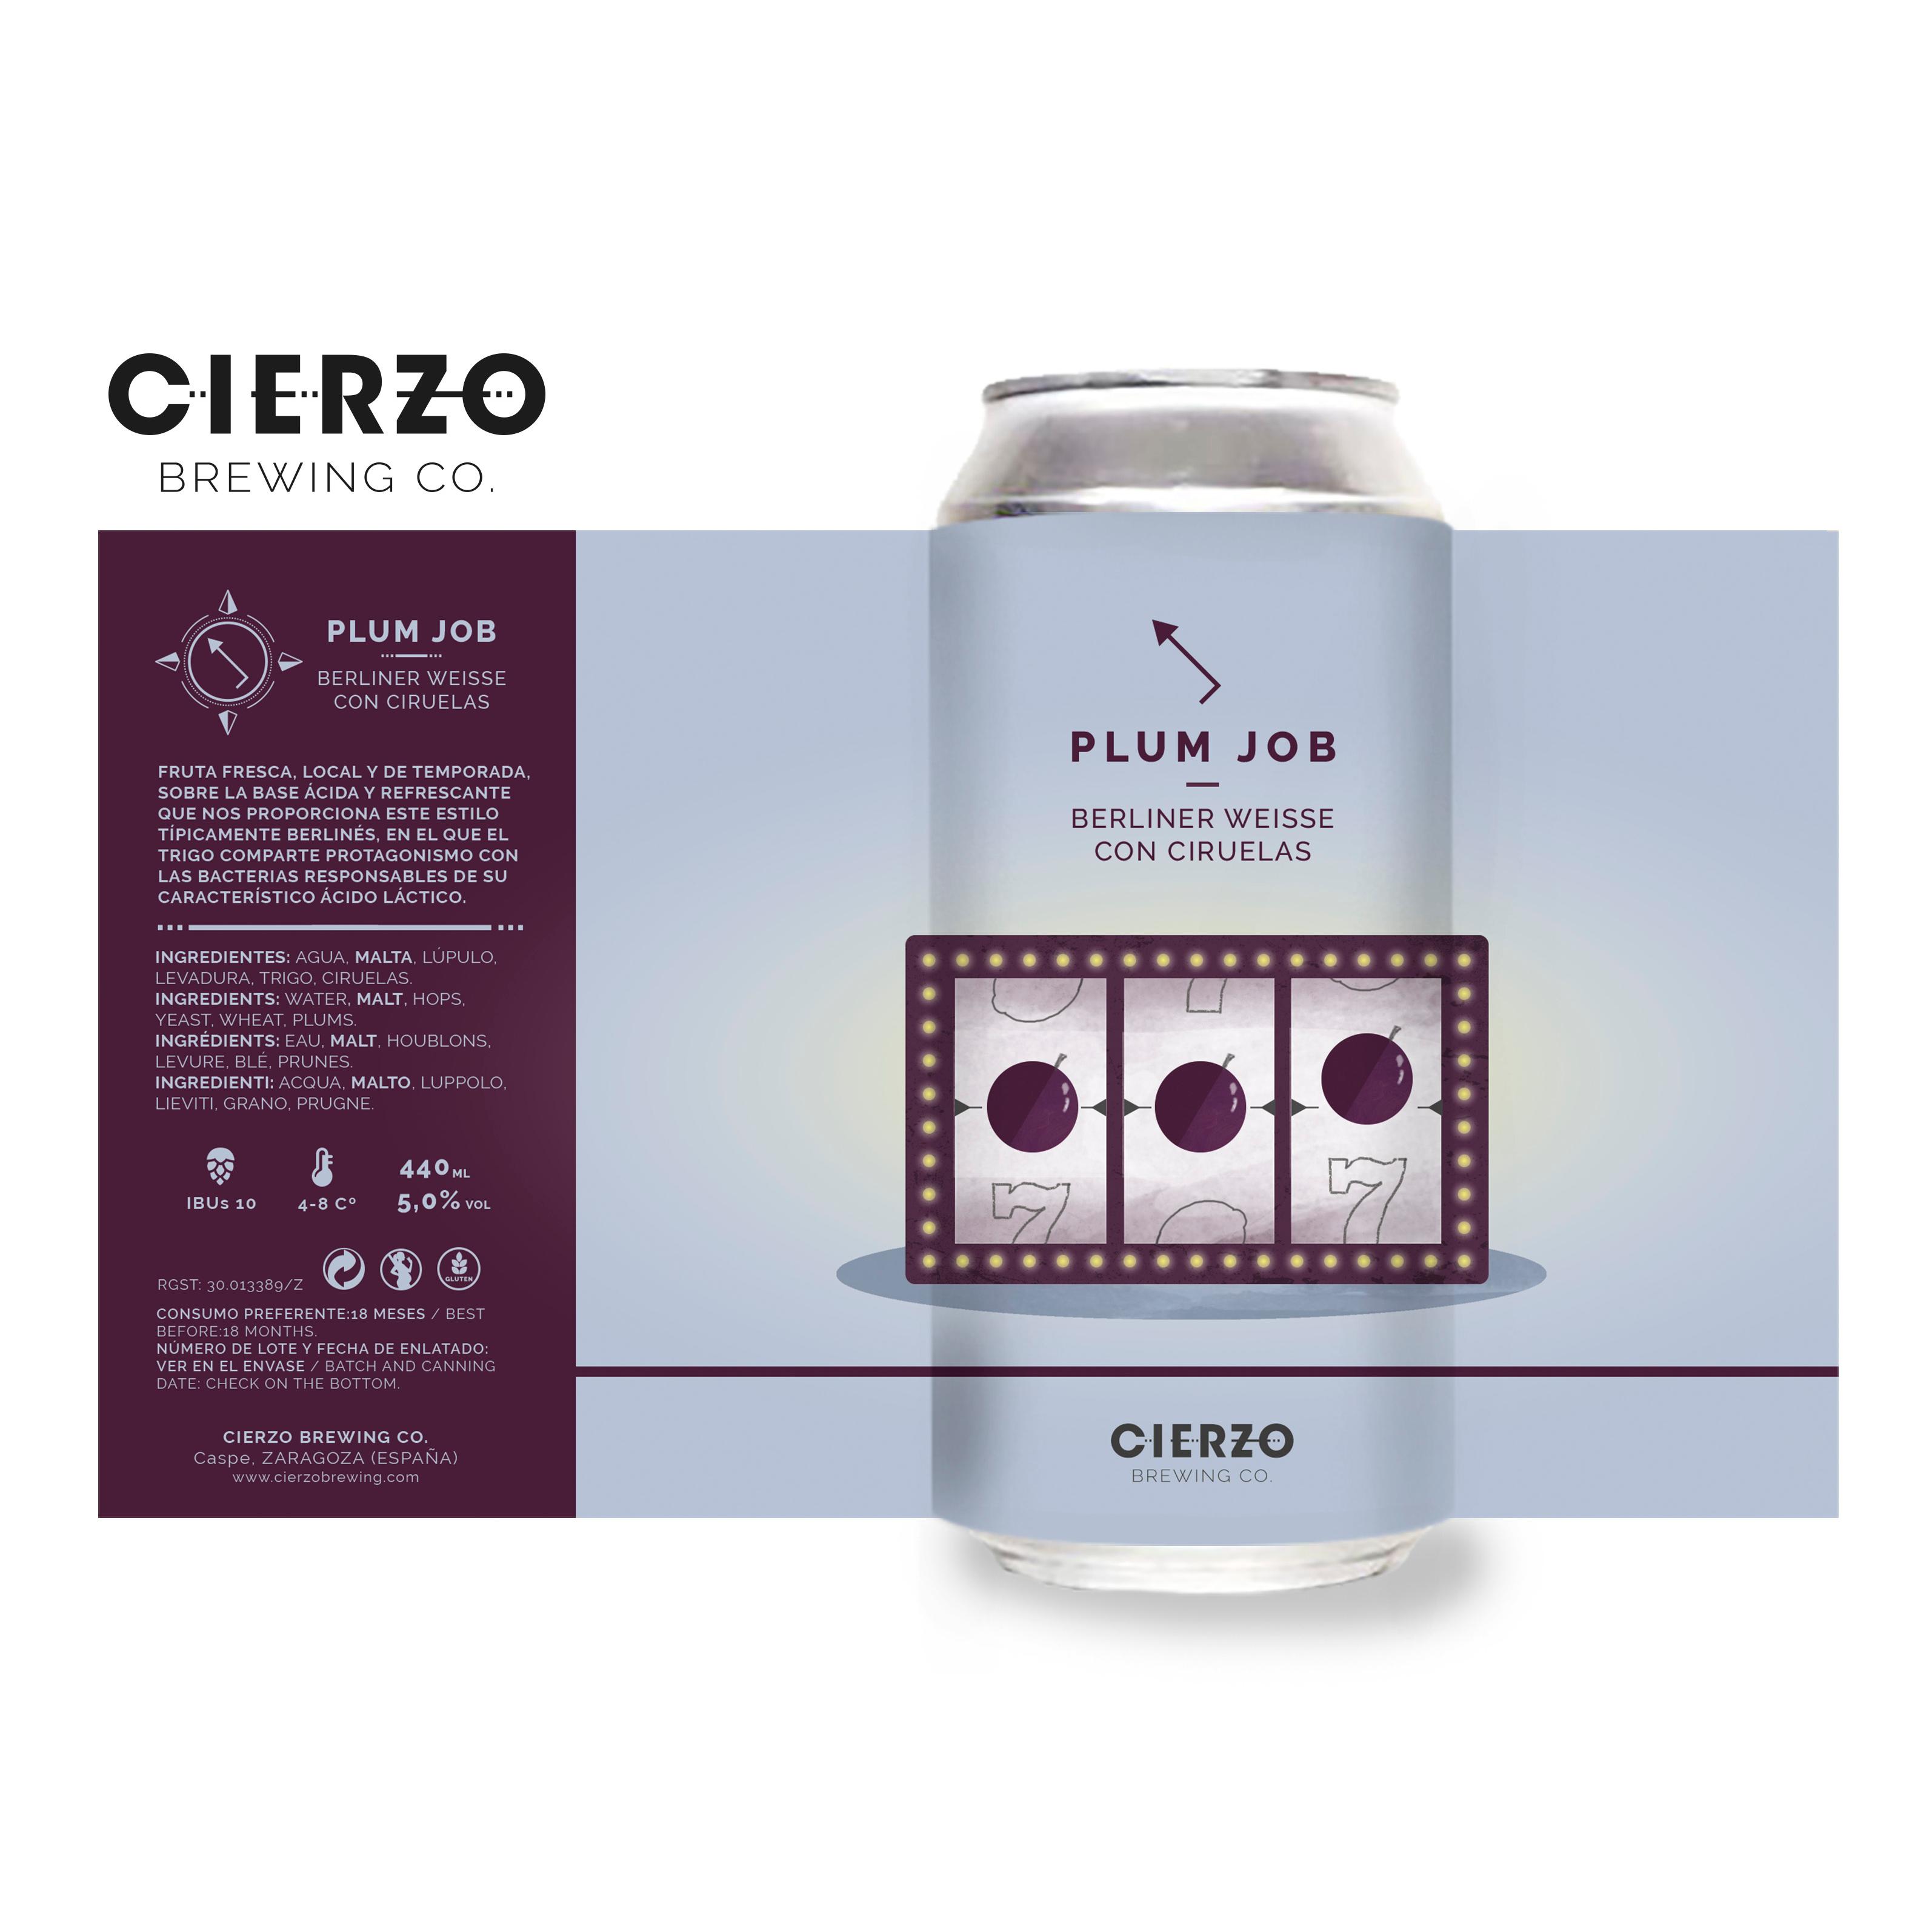 cerveza plum job berliner weisse ciruelas zaragoza